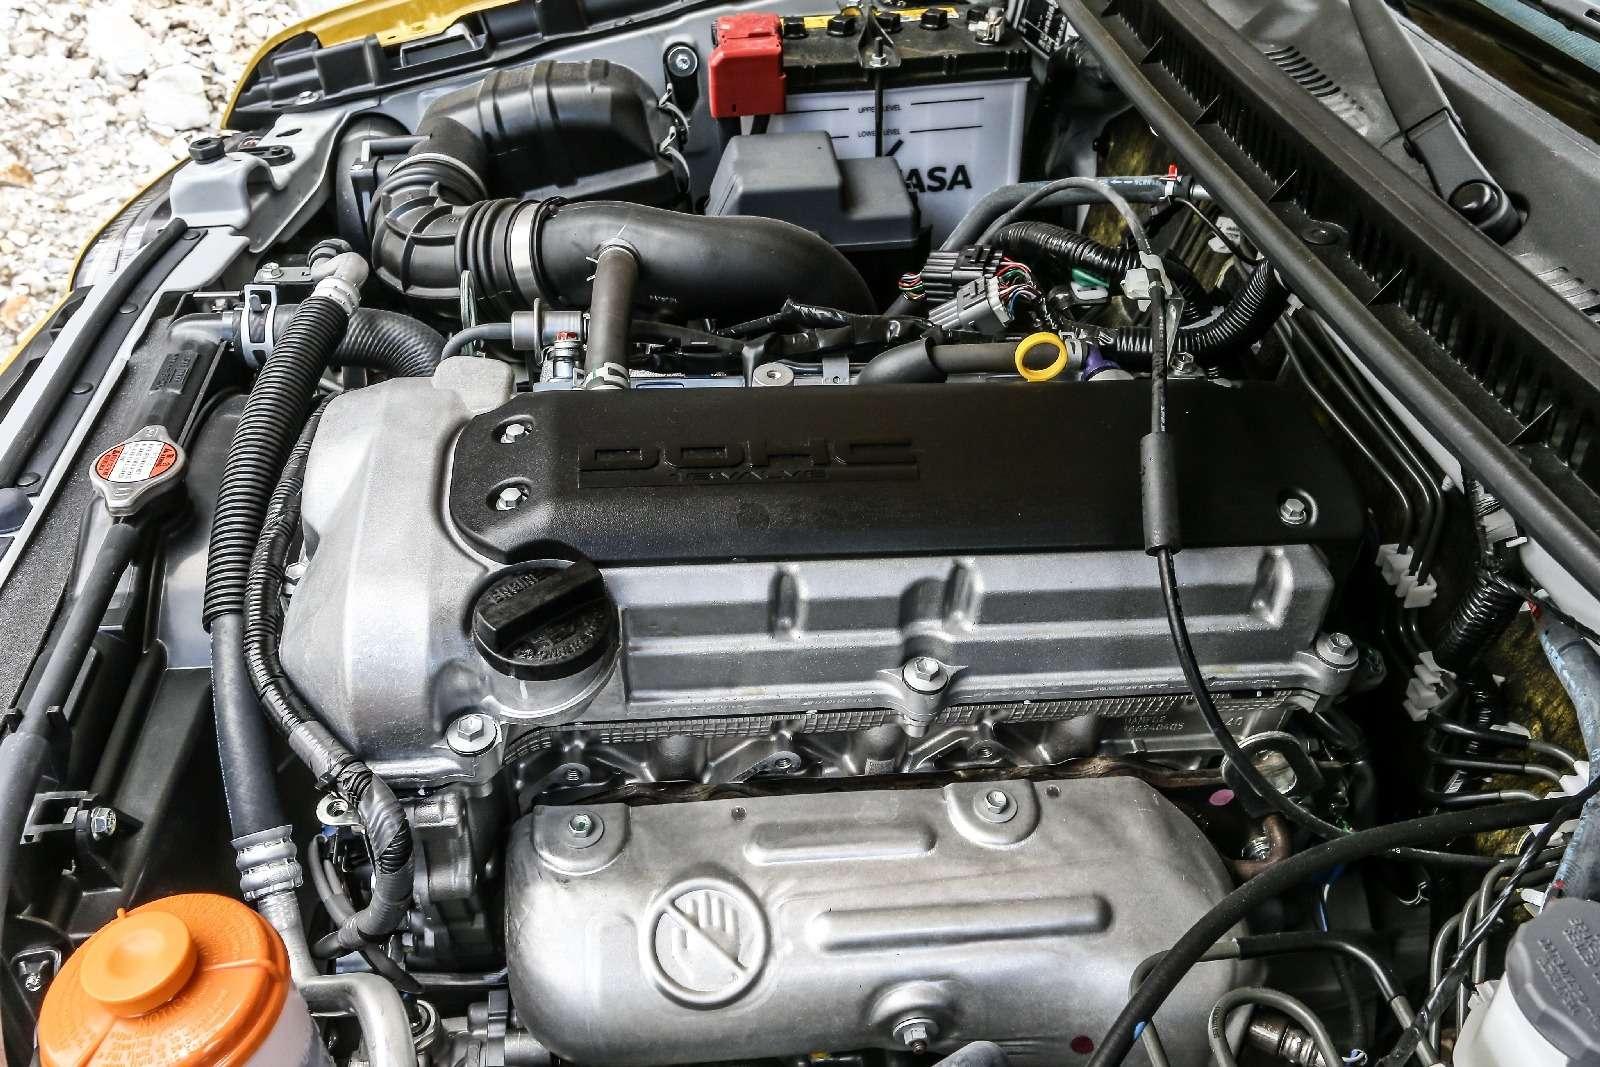 Святая простота: вышла спецверсия вседорожника Suzuki Jimny— фото 650242